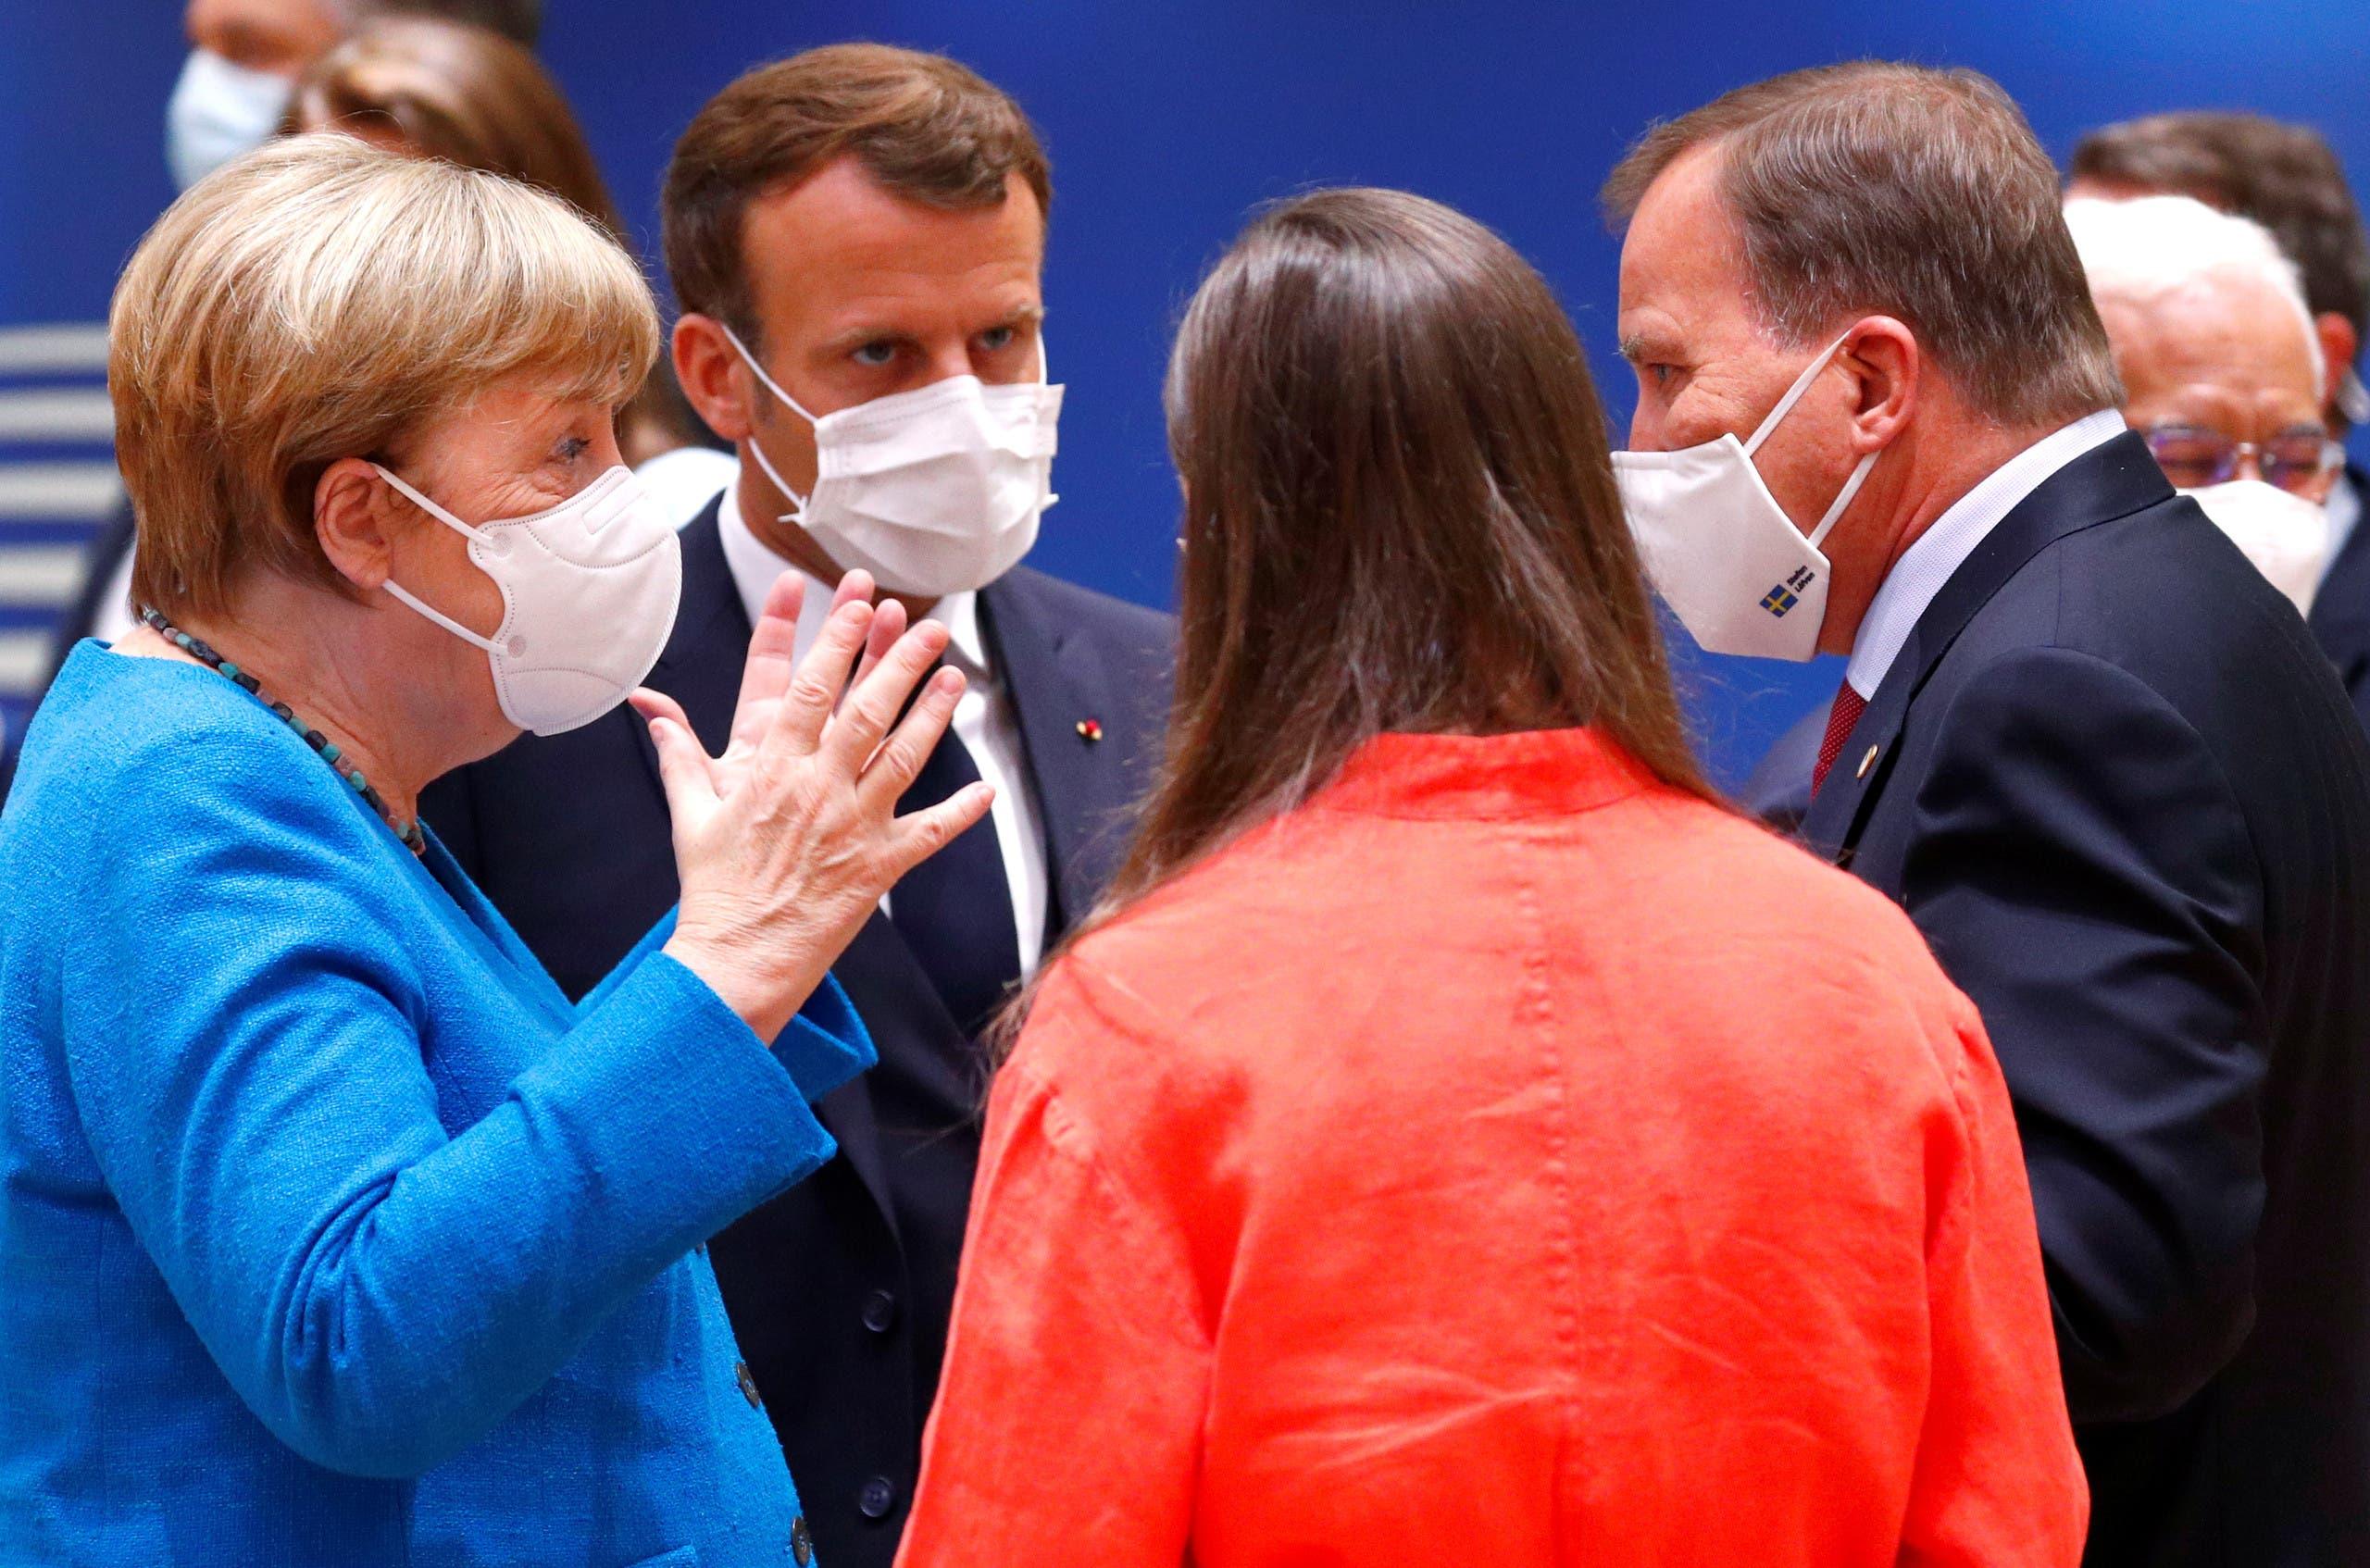 من اجتماعات الاتحاد الأوروبي في بروكسل